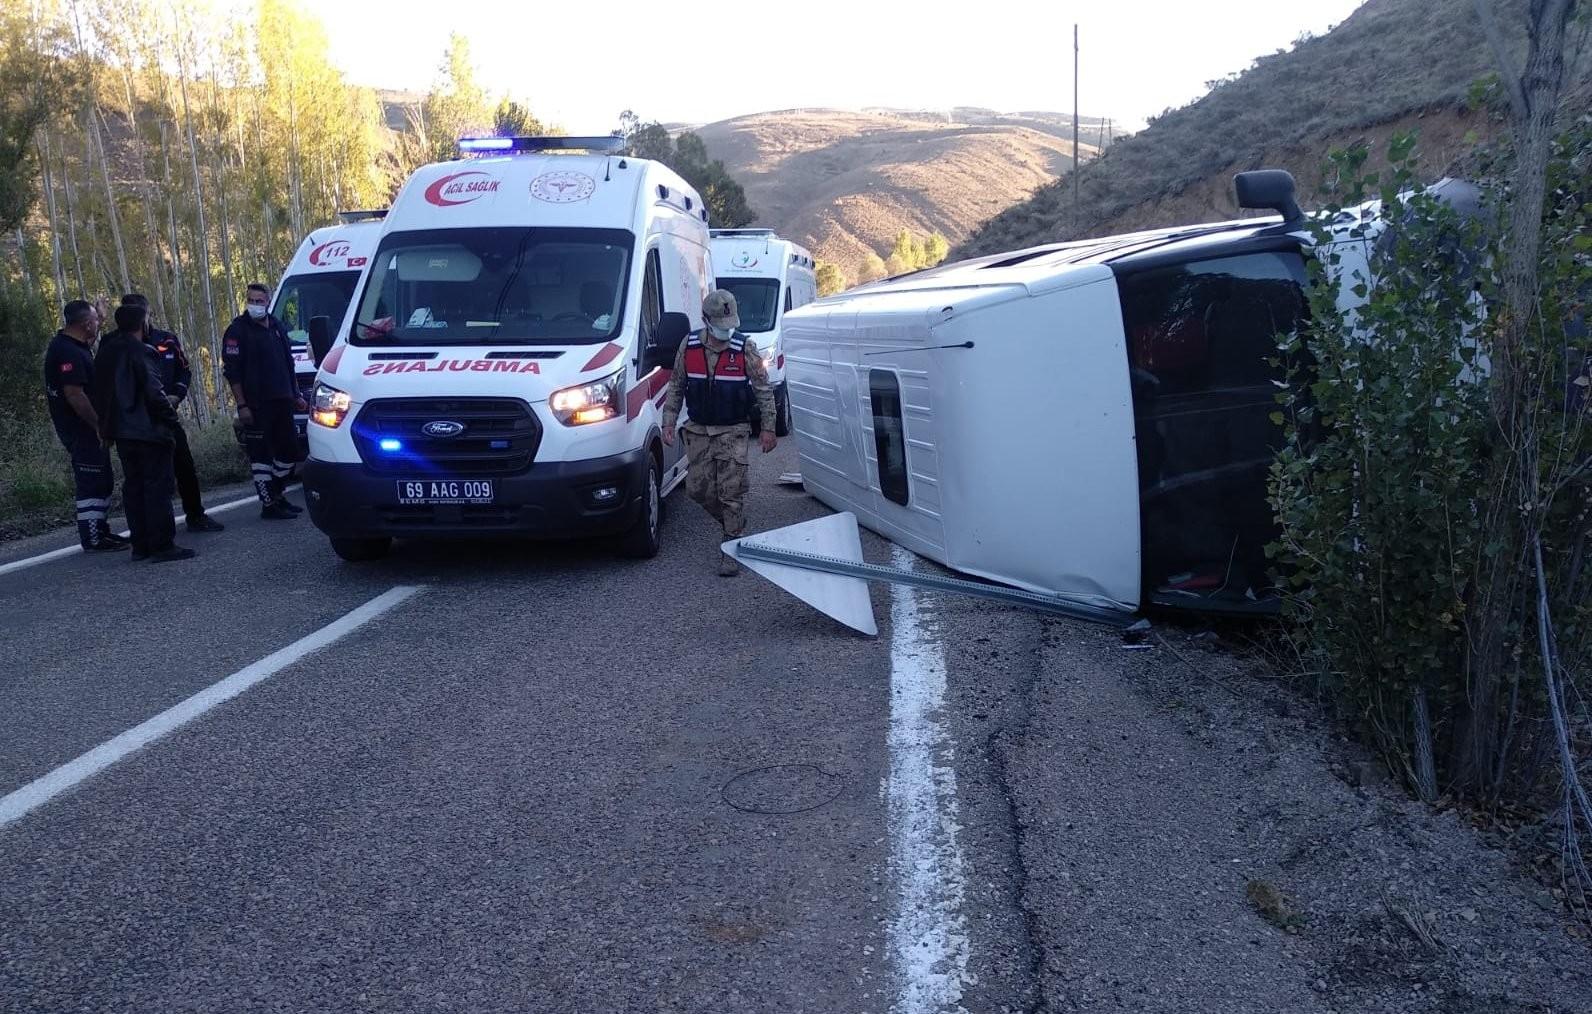 Bayburt'ta trafik kazası: 7 yaralı #bayburt